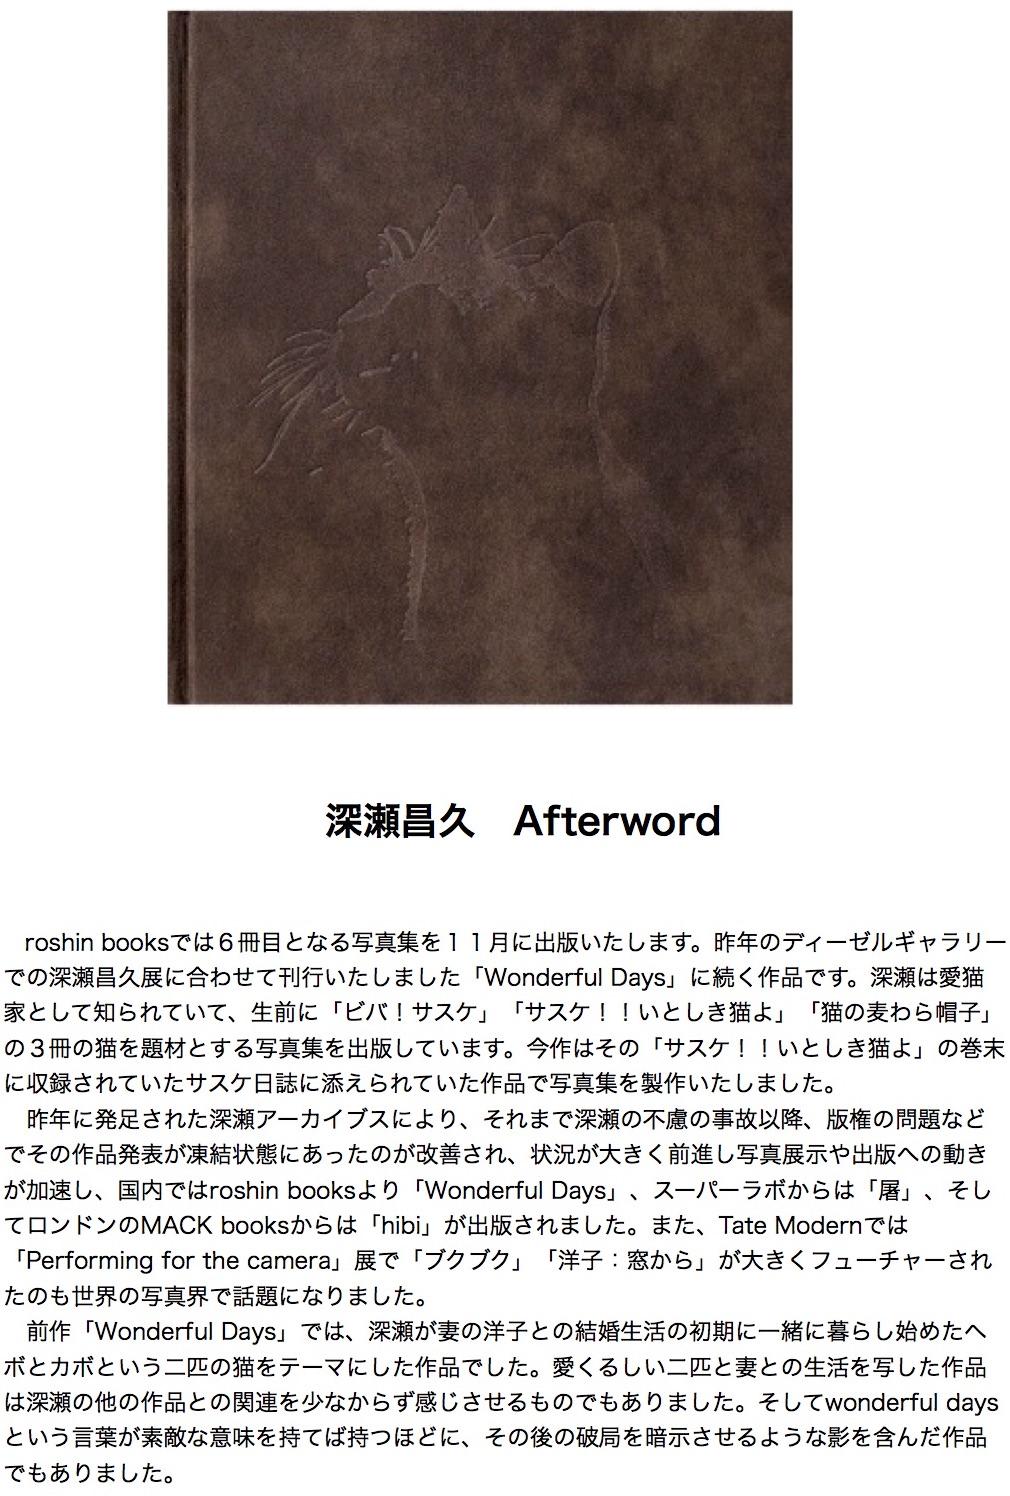 深瀬昌久氏 写真集「Afterword」_b0187229_2132516.jpg